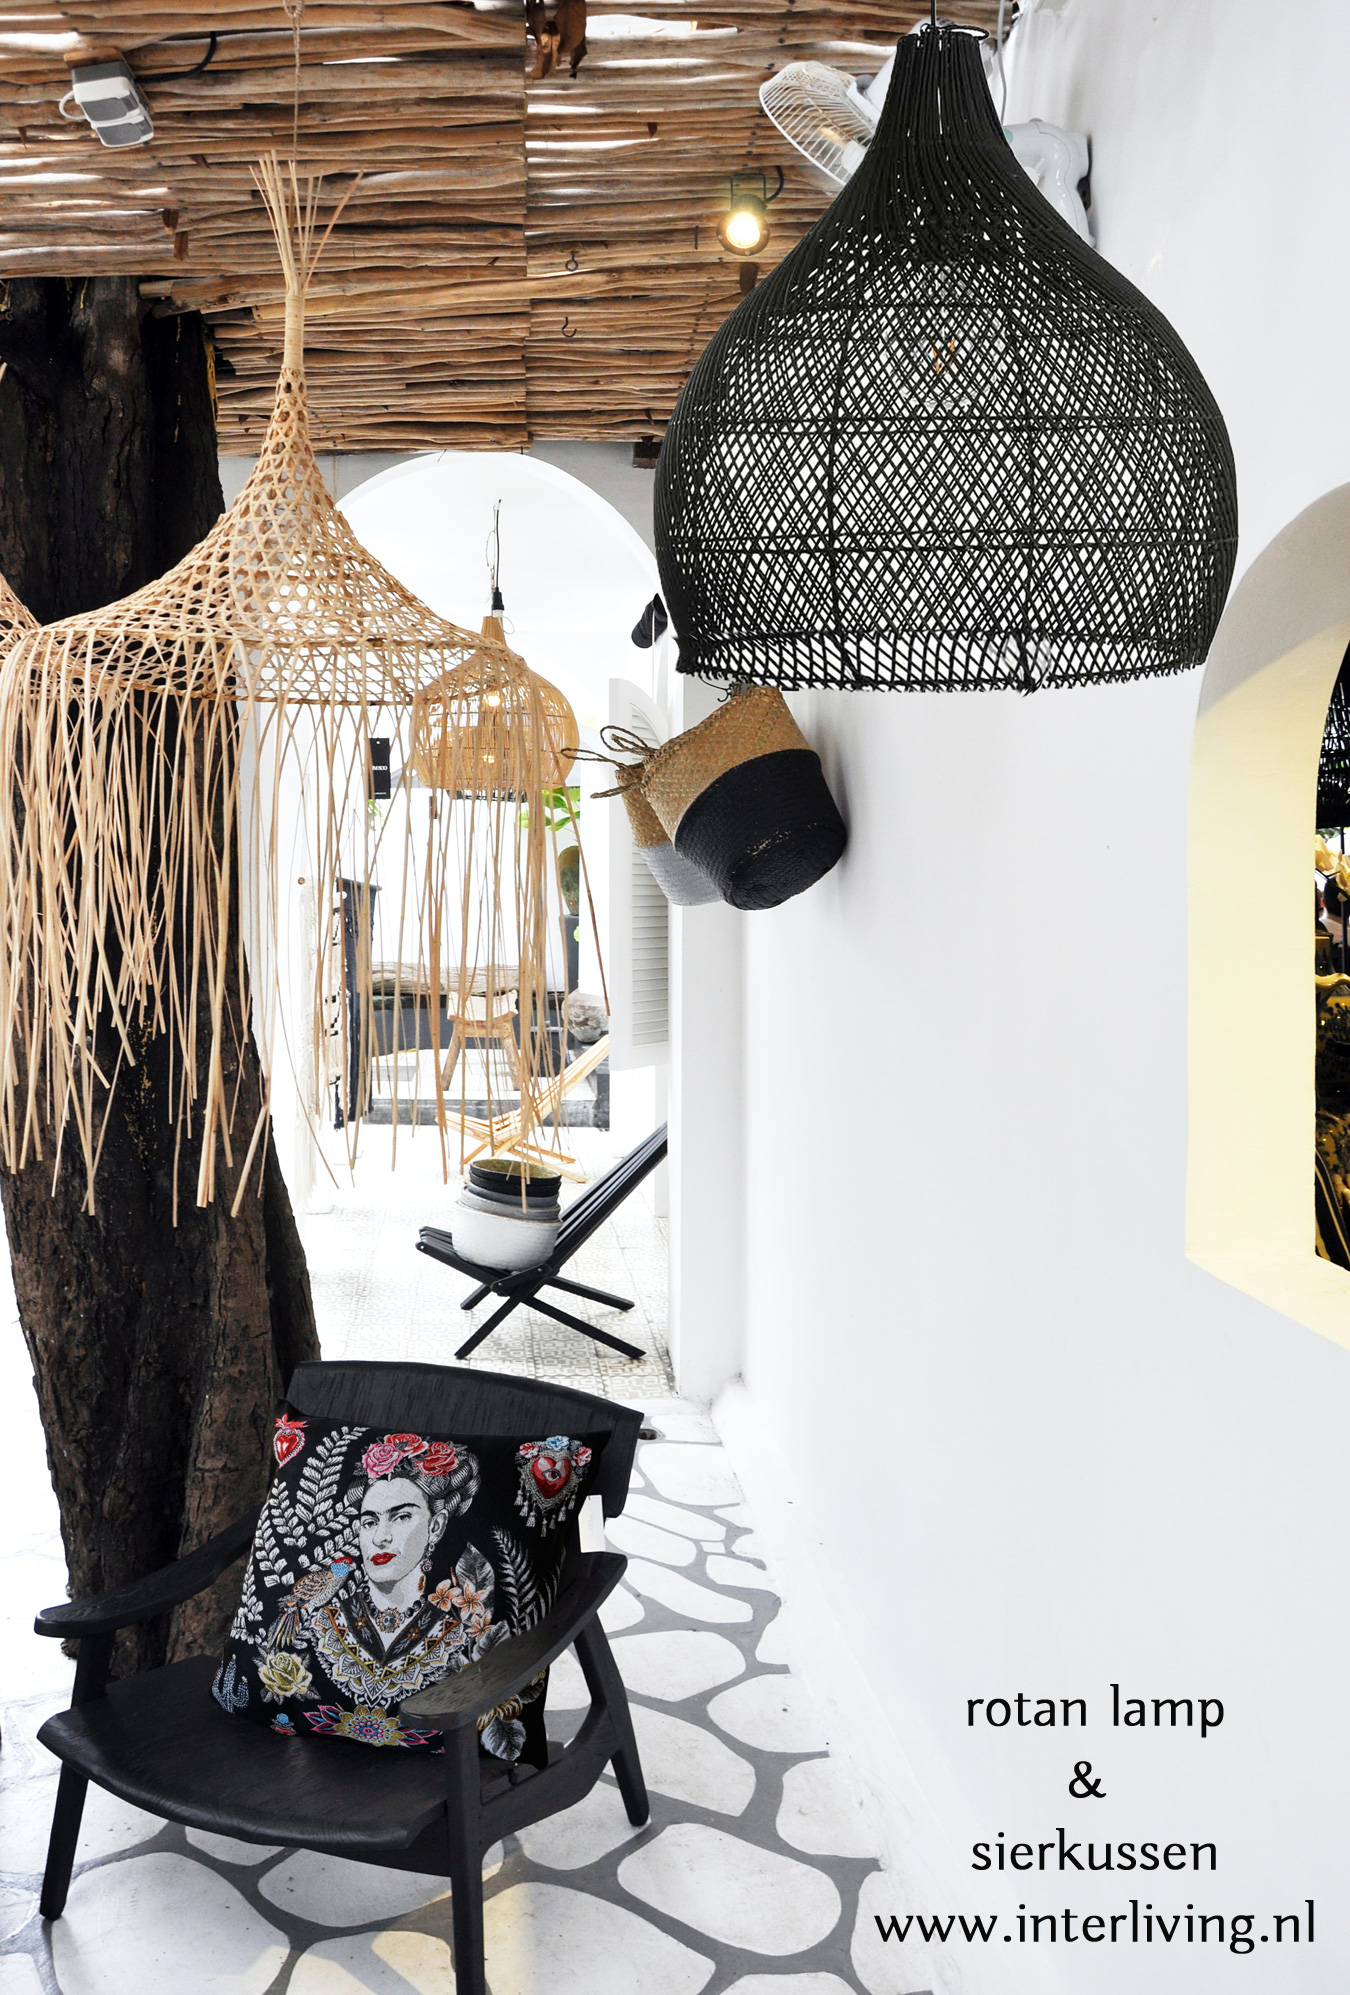 Zwart gevlochten rotan hanglamp - Ibiza hippie styling - rotanpalm